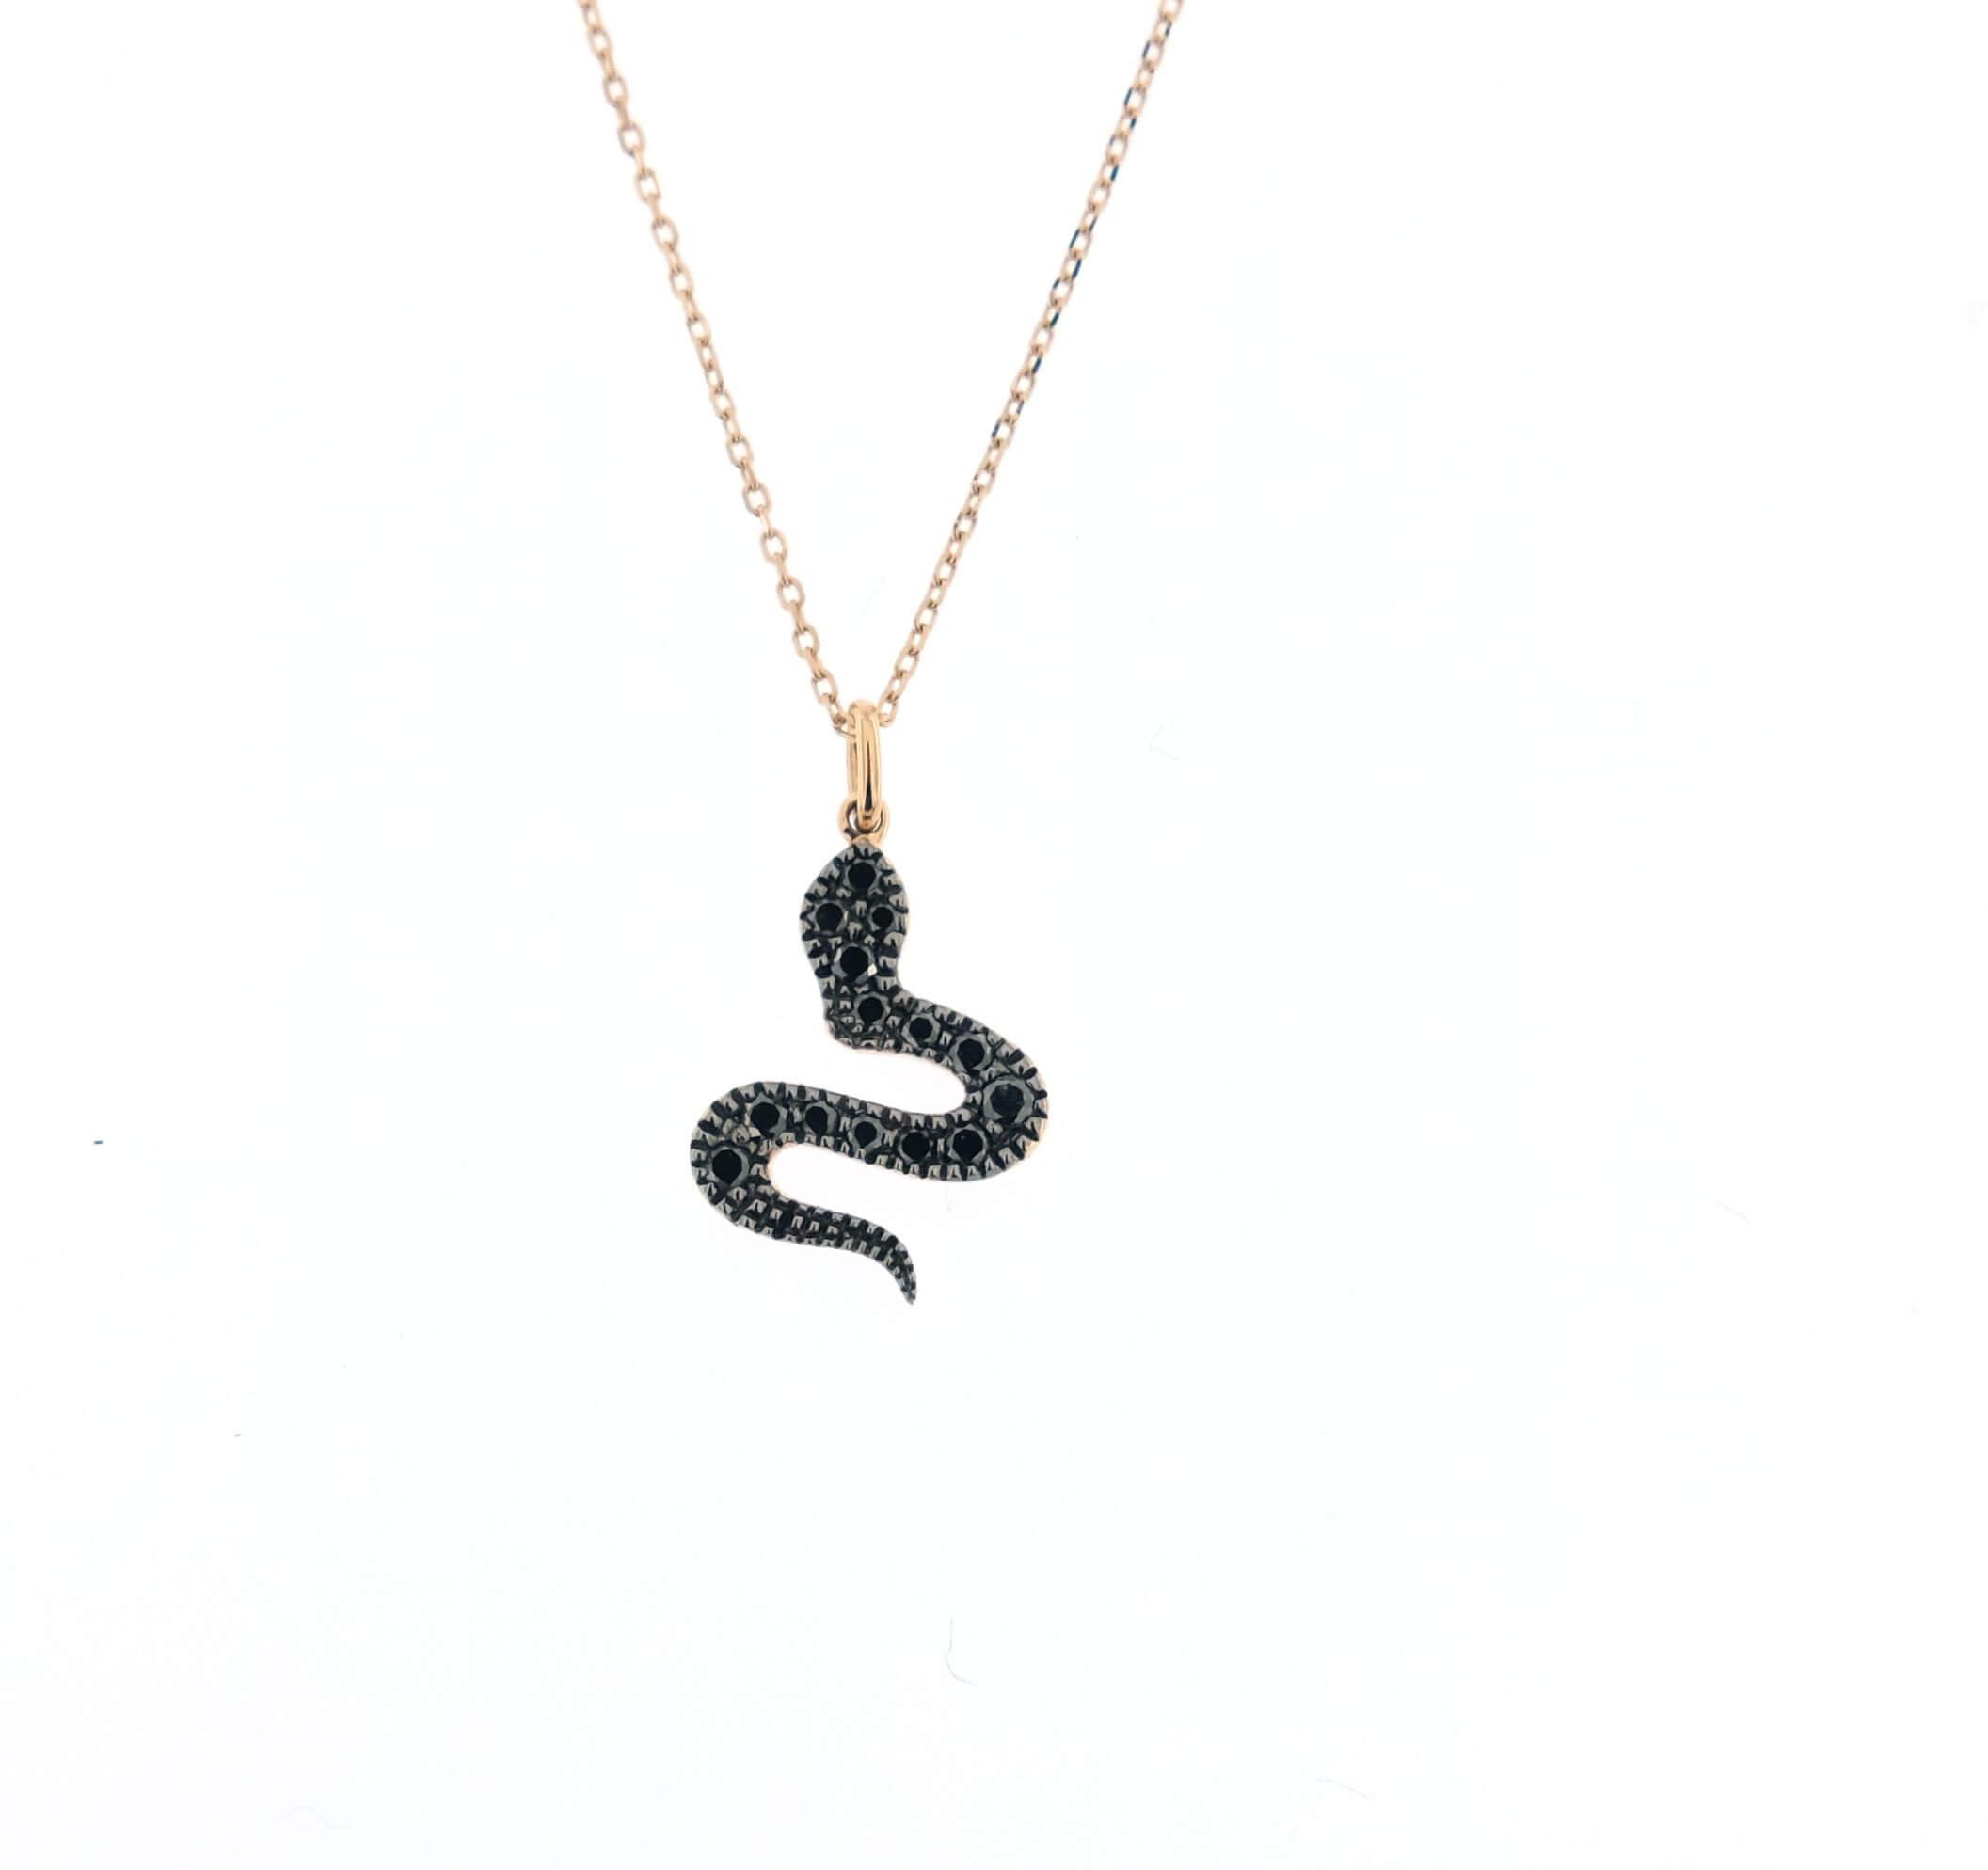 comprare popolare 3407e b57c2 Collana Labor oro rosa con serpente in diamanti neri e catenina rolò